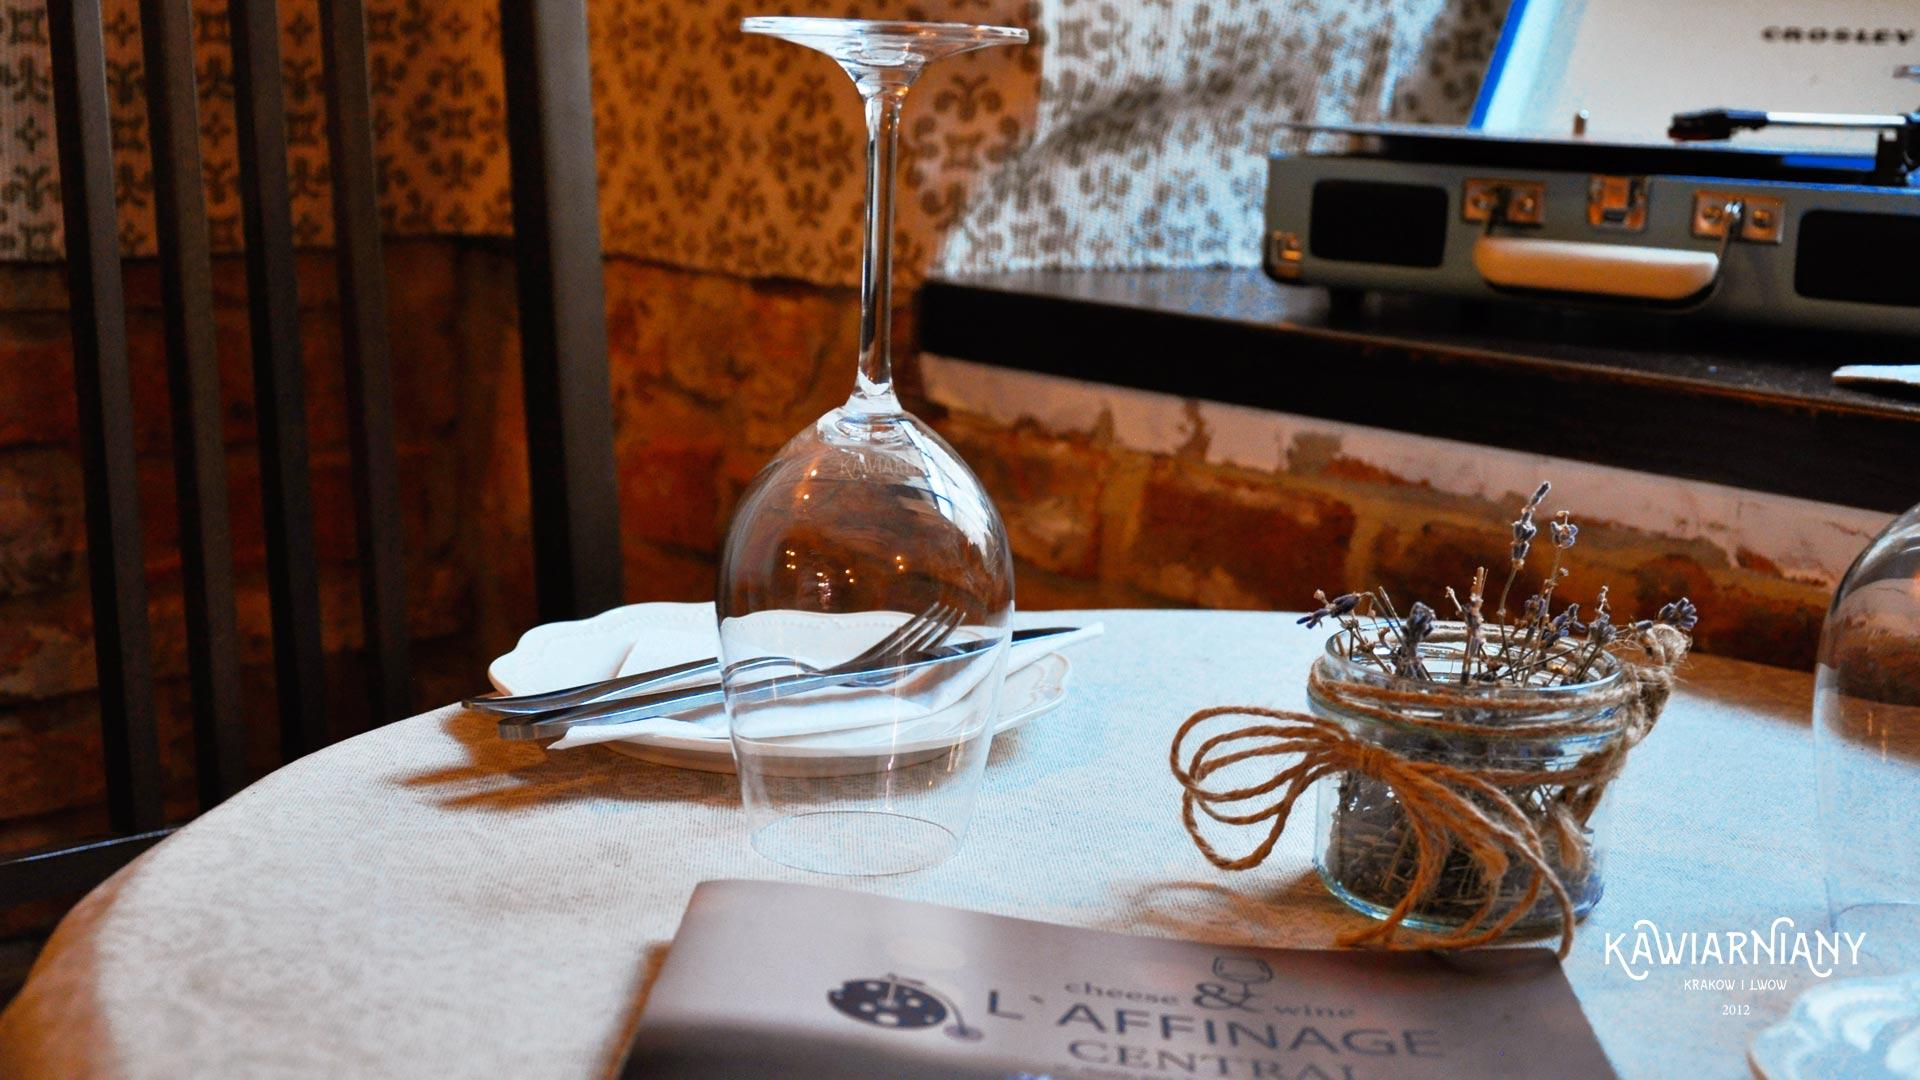 Winiarnia Laffinage cheese & wine we Lwowie w nowym miejscu